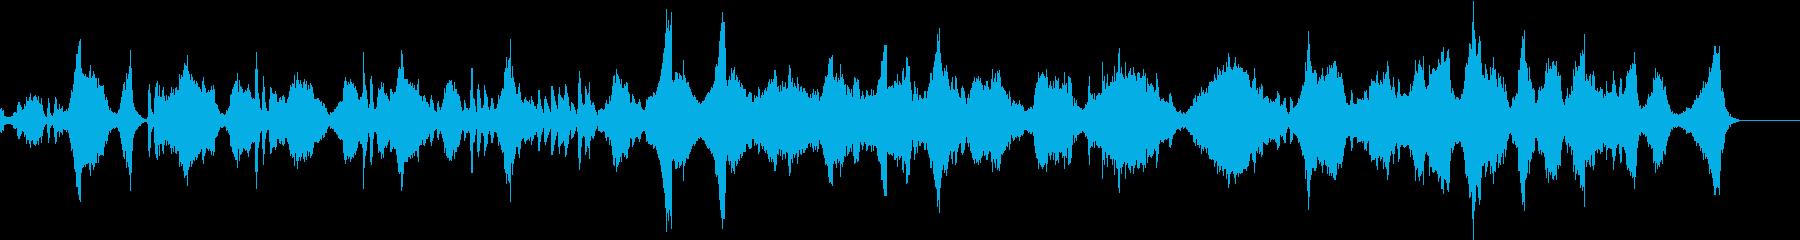 情緒あふれるストリングスアンサンブルの再生済みの波形